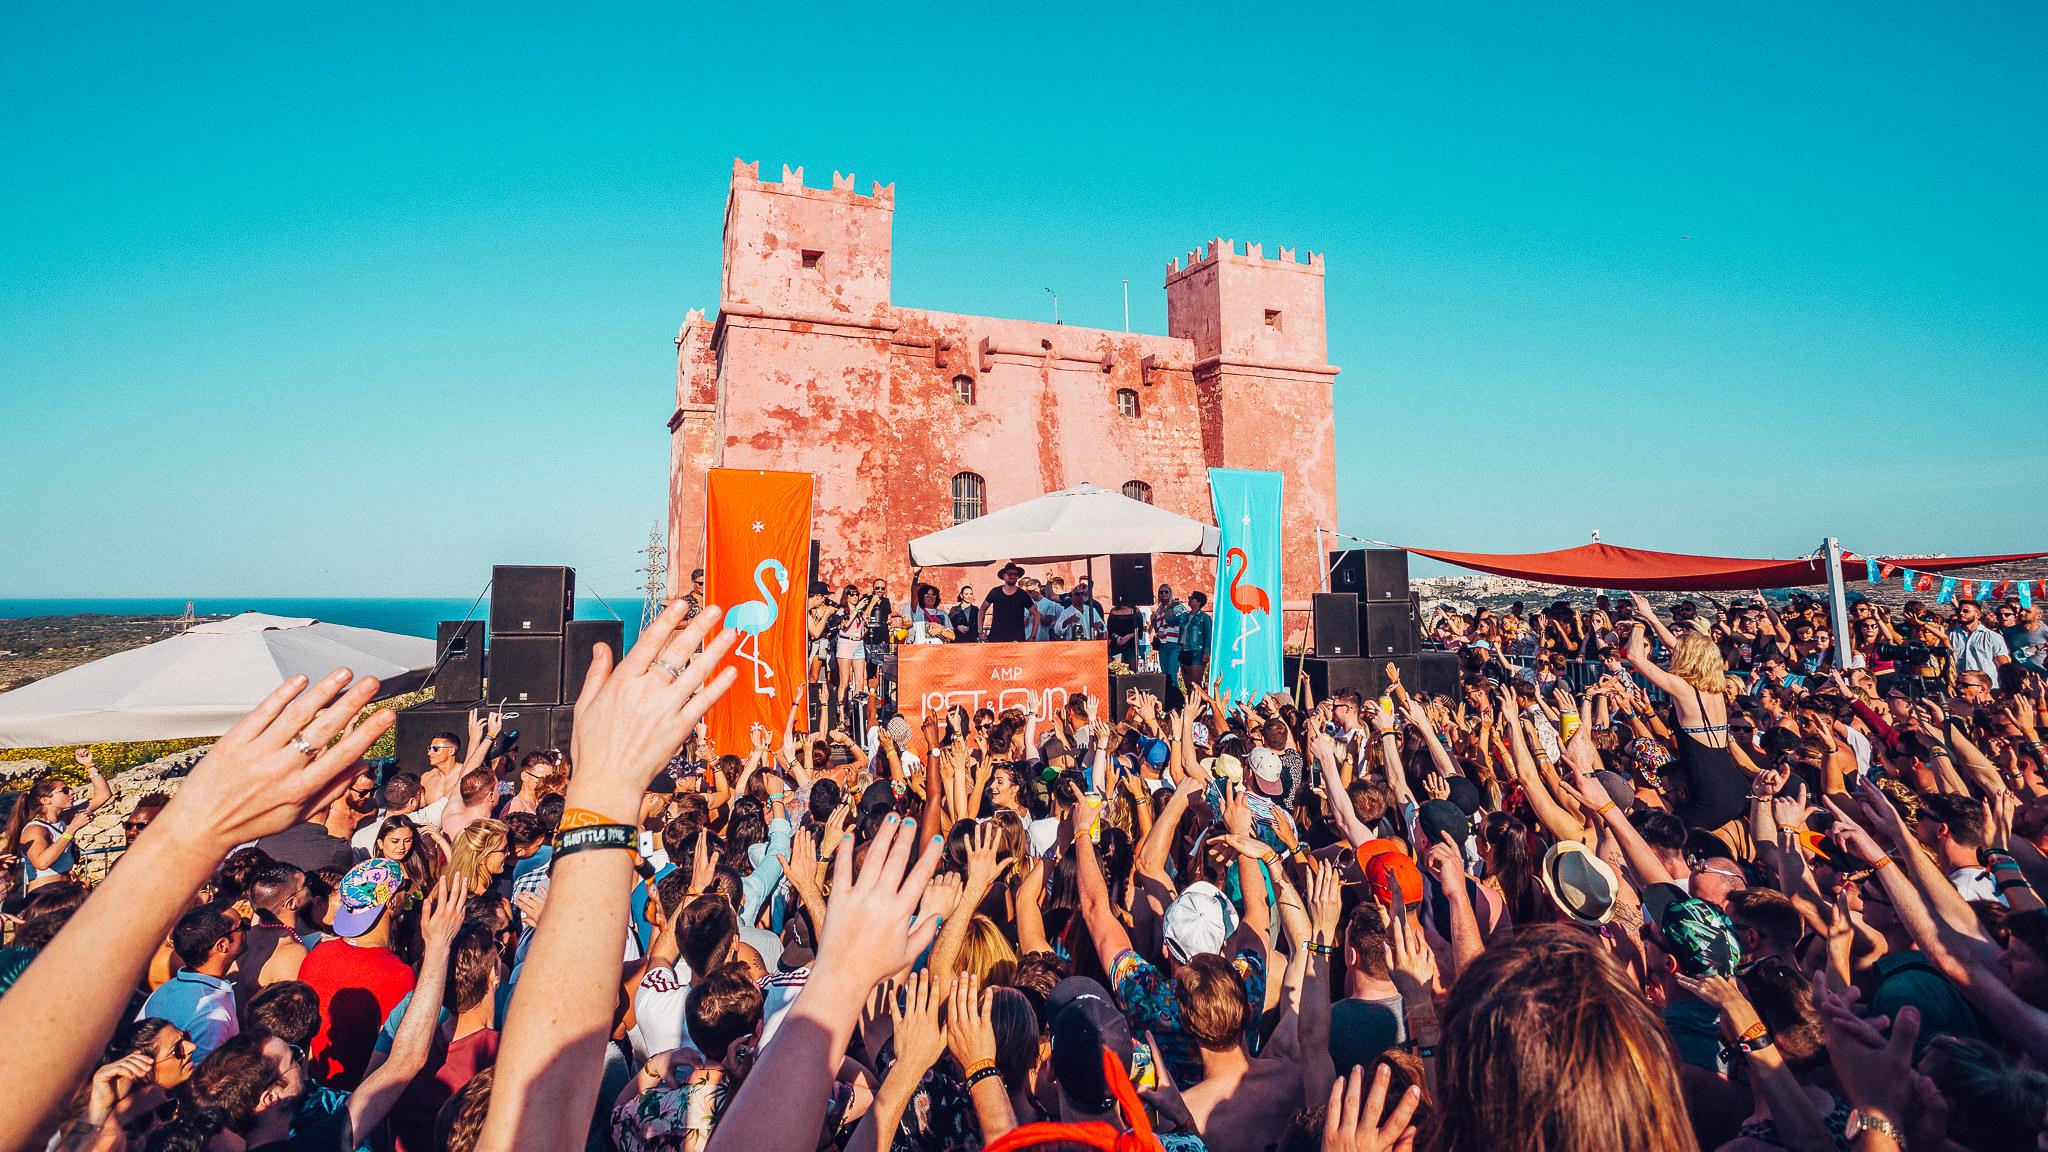 lost-found-festival-2022